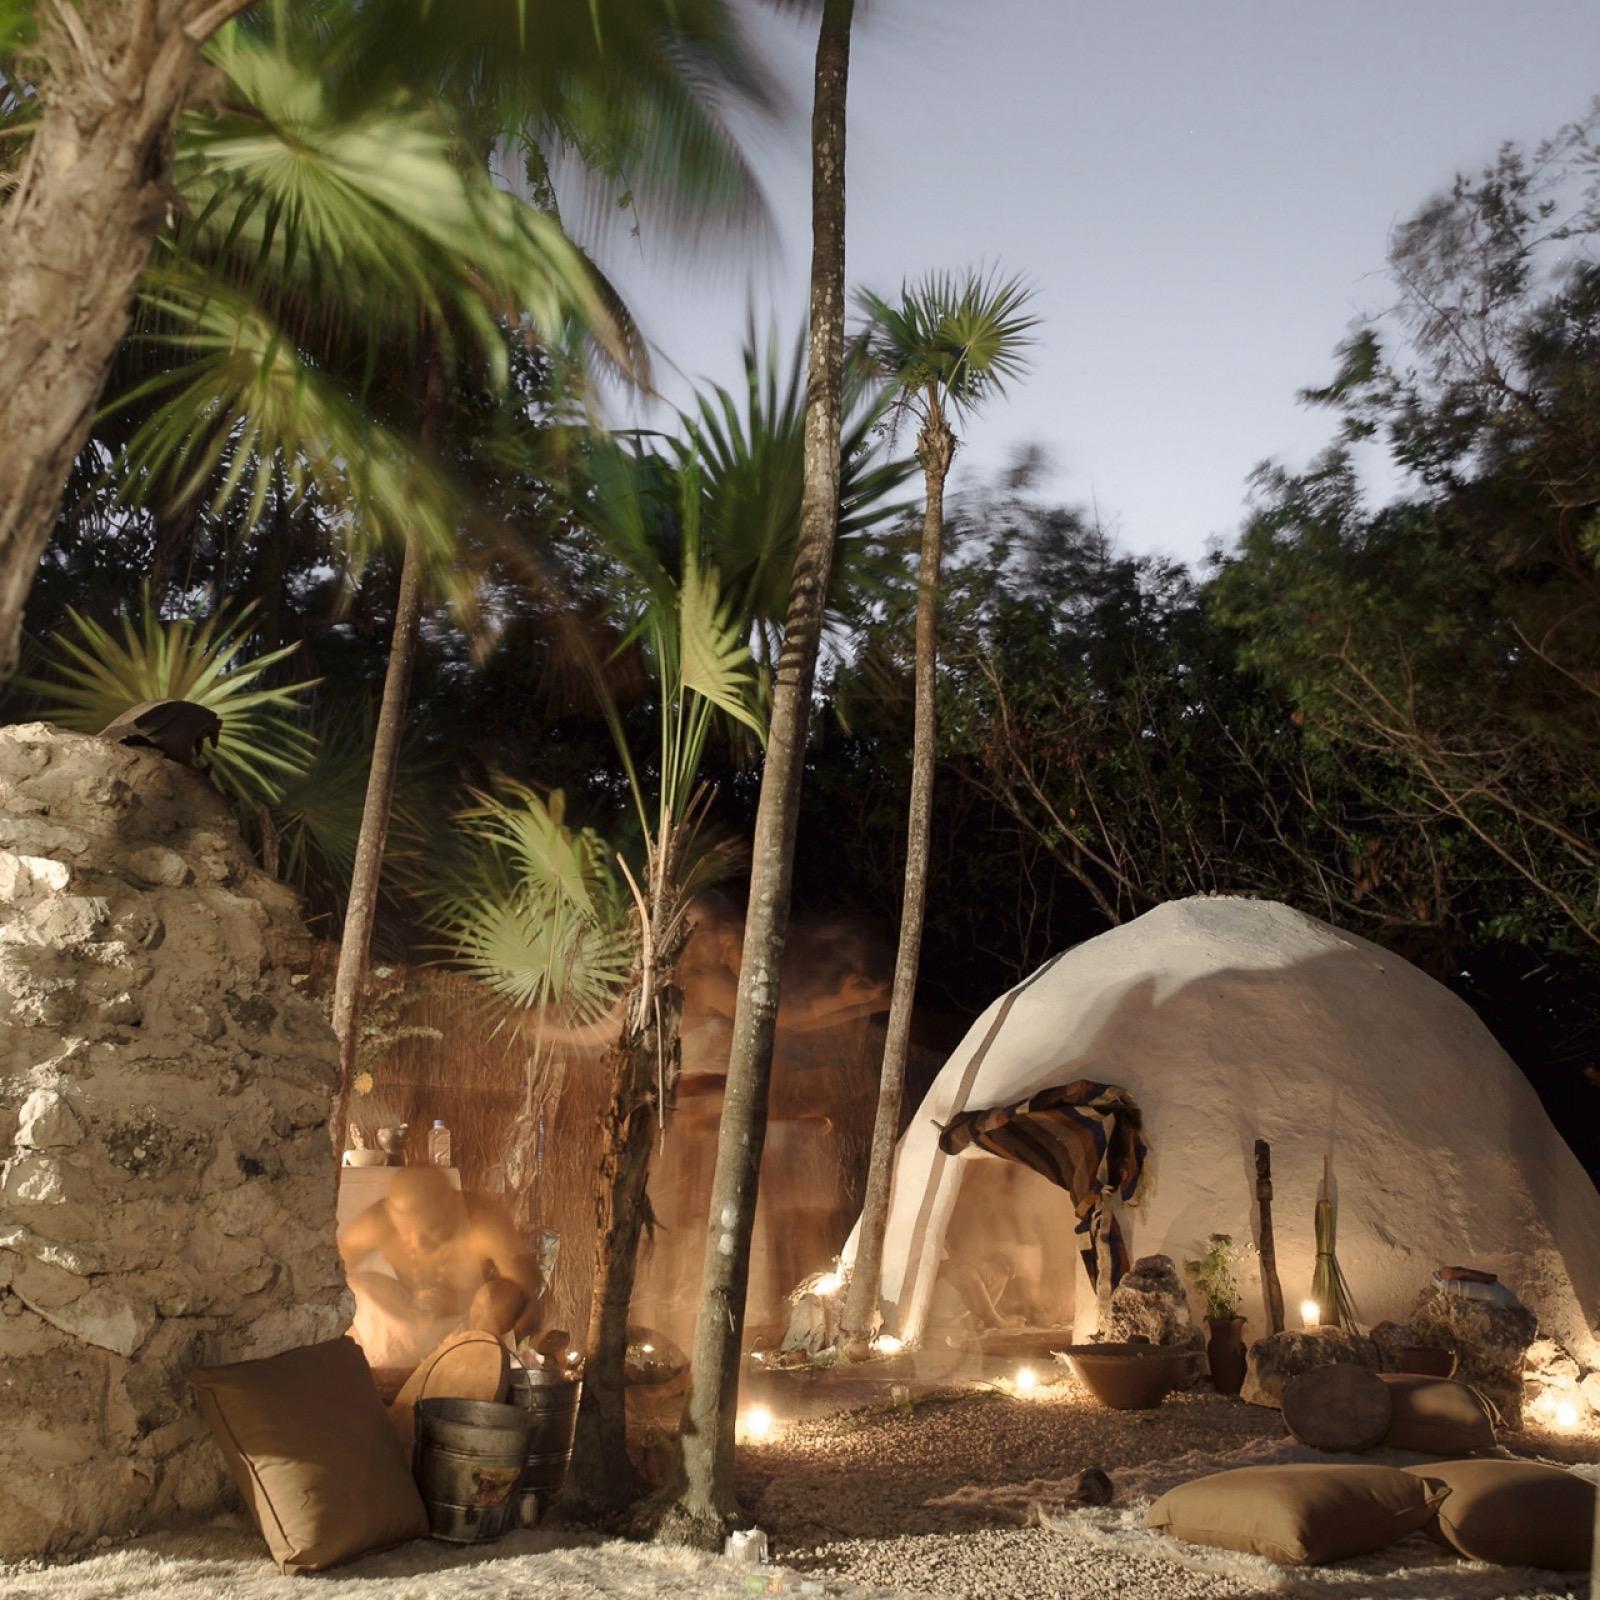 Шаманская баня в Мексике